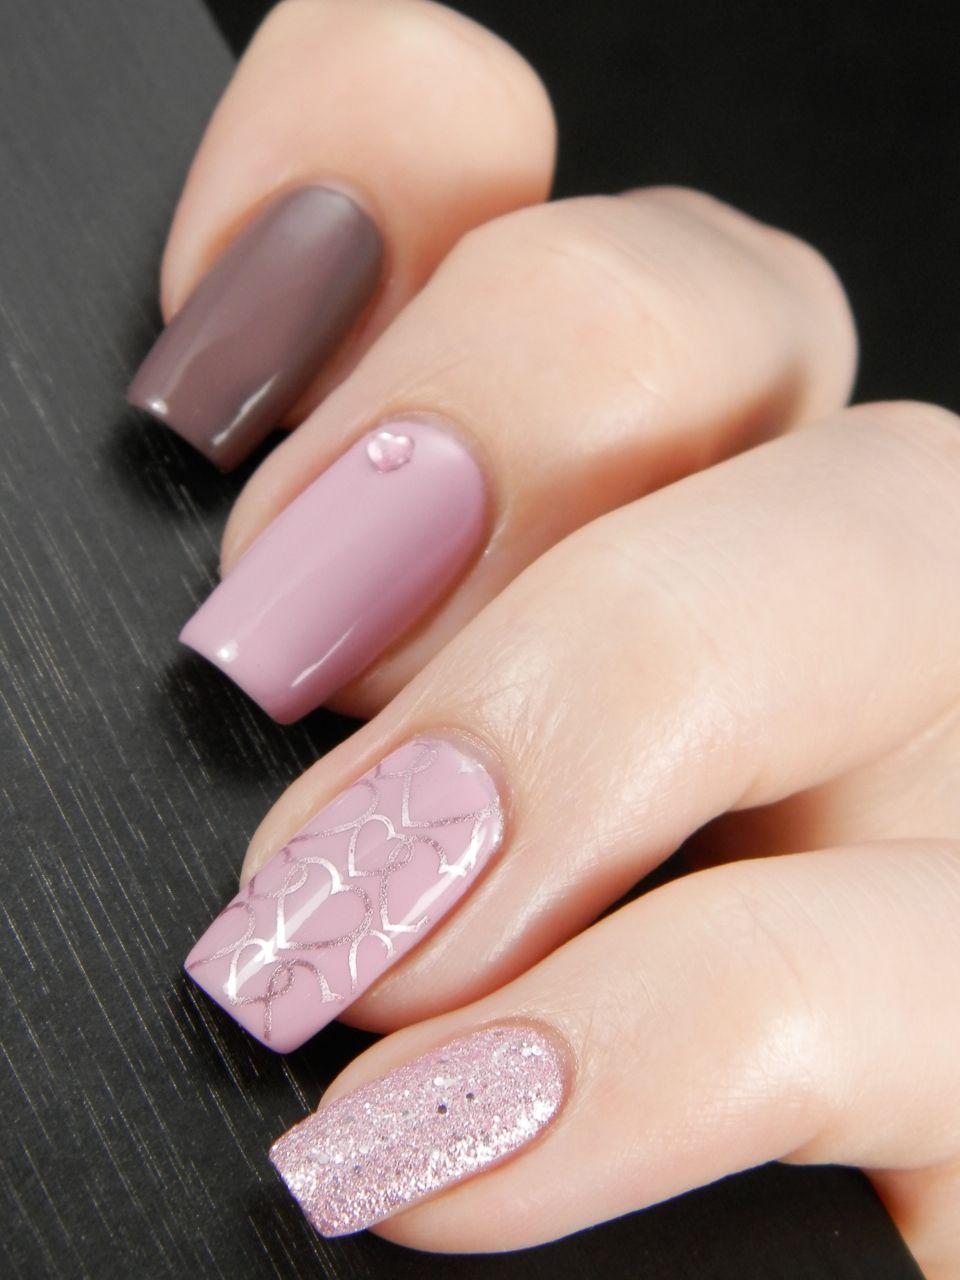 Pin de ShaRii LZ en Nails | Manicura de uñas, Uñas doradas